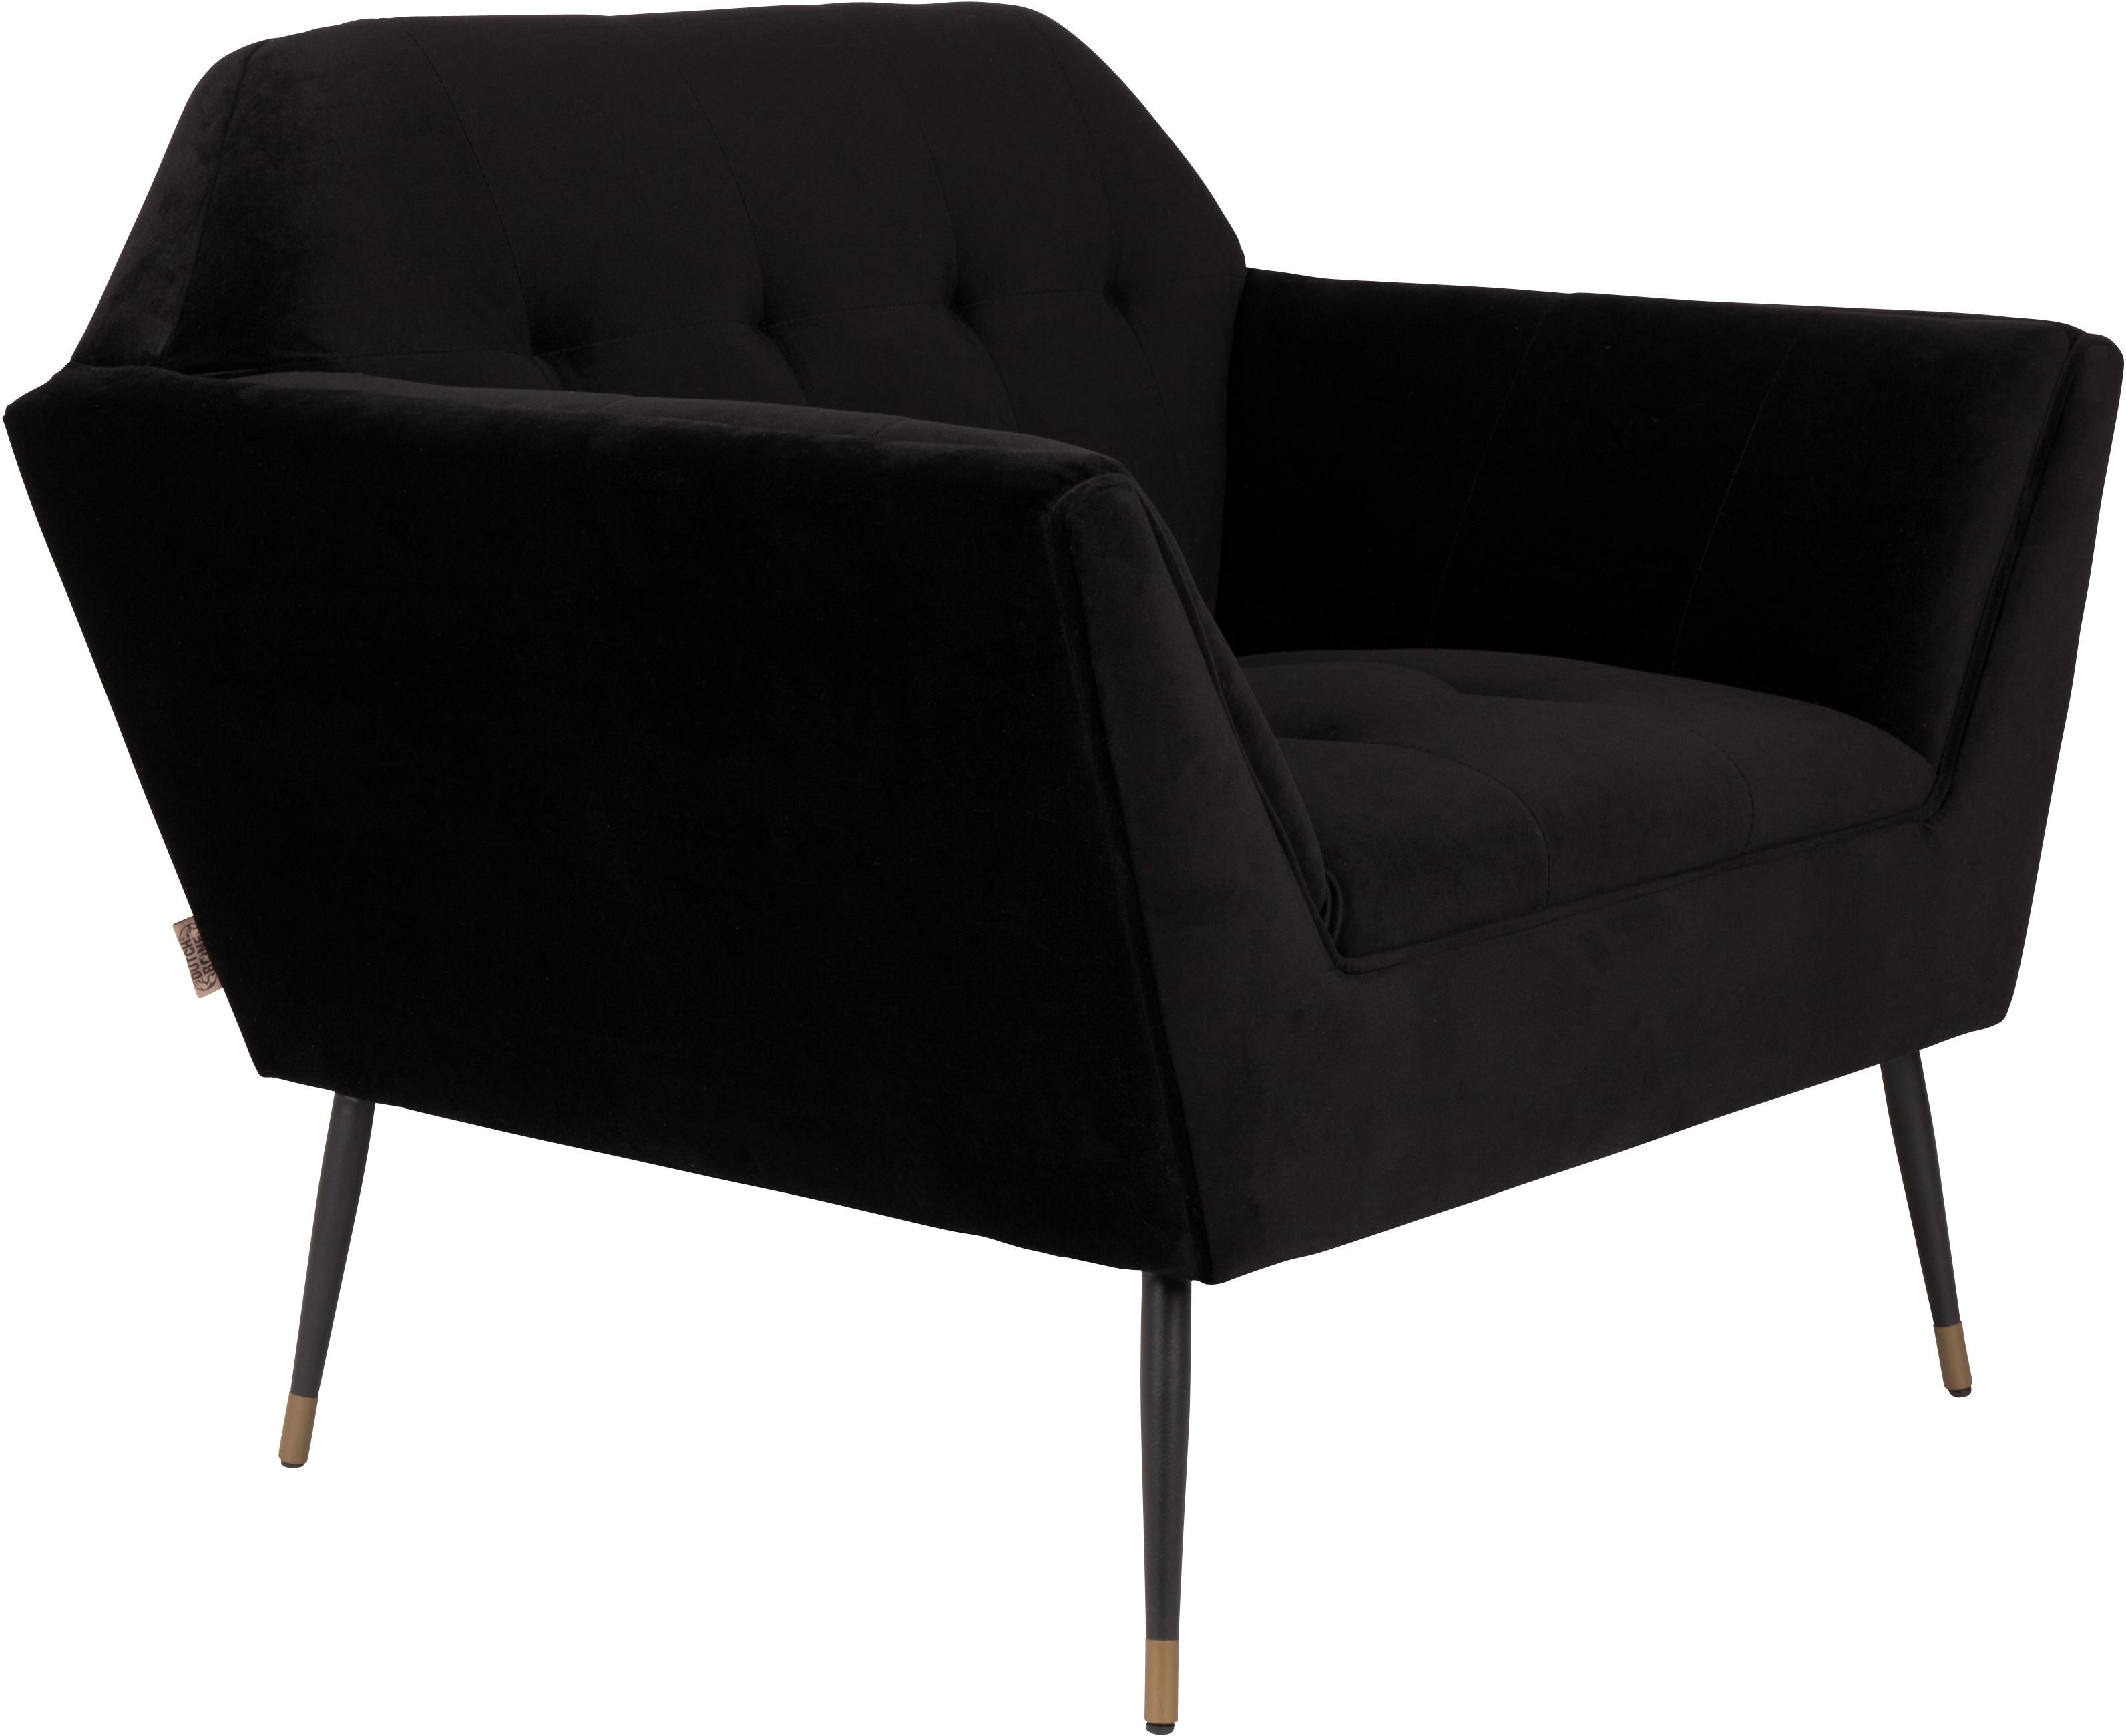 Samt-Sessel Kate in Schwarz, Bezug: Polyester (Samt), Füße: Metall, pulverbeschichtet, Samt Schwarz, B 95 x T 79 cm